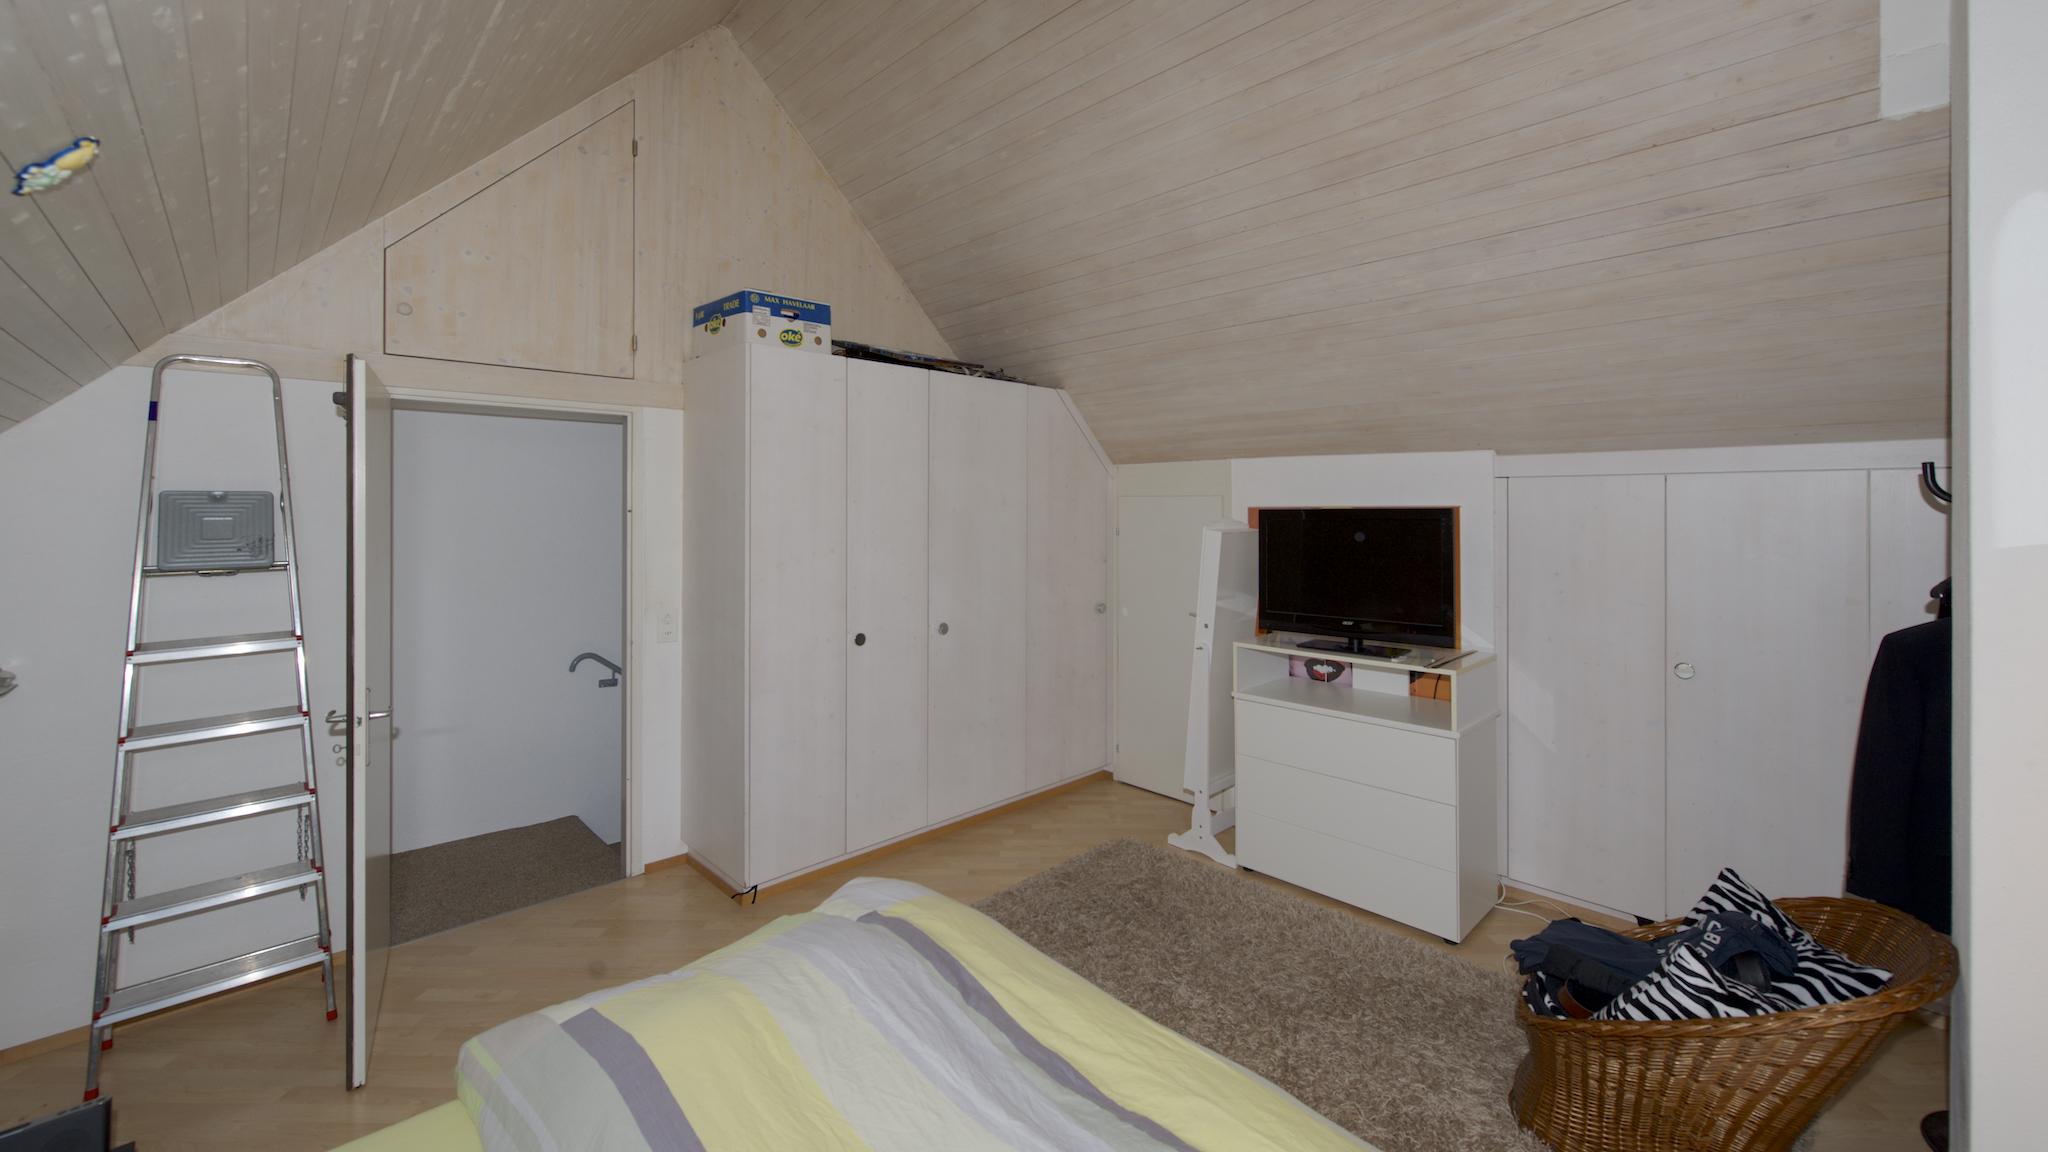 Dachzimmer mit EInbauschränken